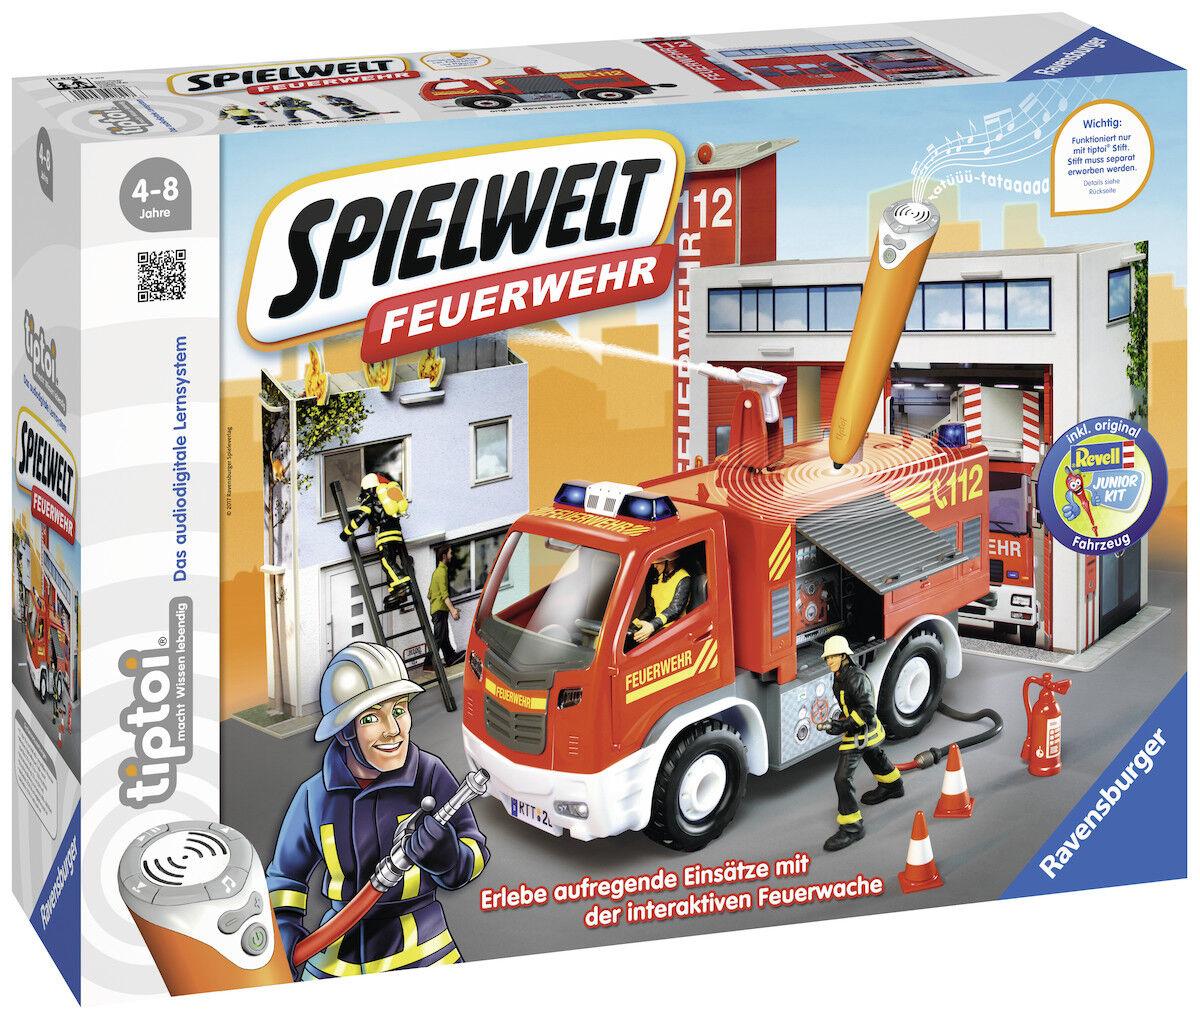 Ravensburger 00824 Tiptoi Tiptoi Tiptoi Spielwelt Feuerwehr,Kinderspiel cdaa52